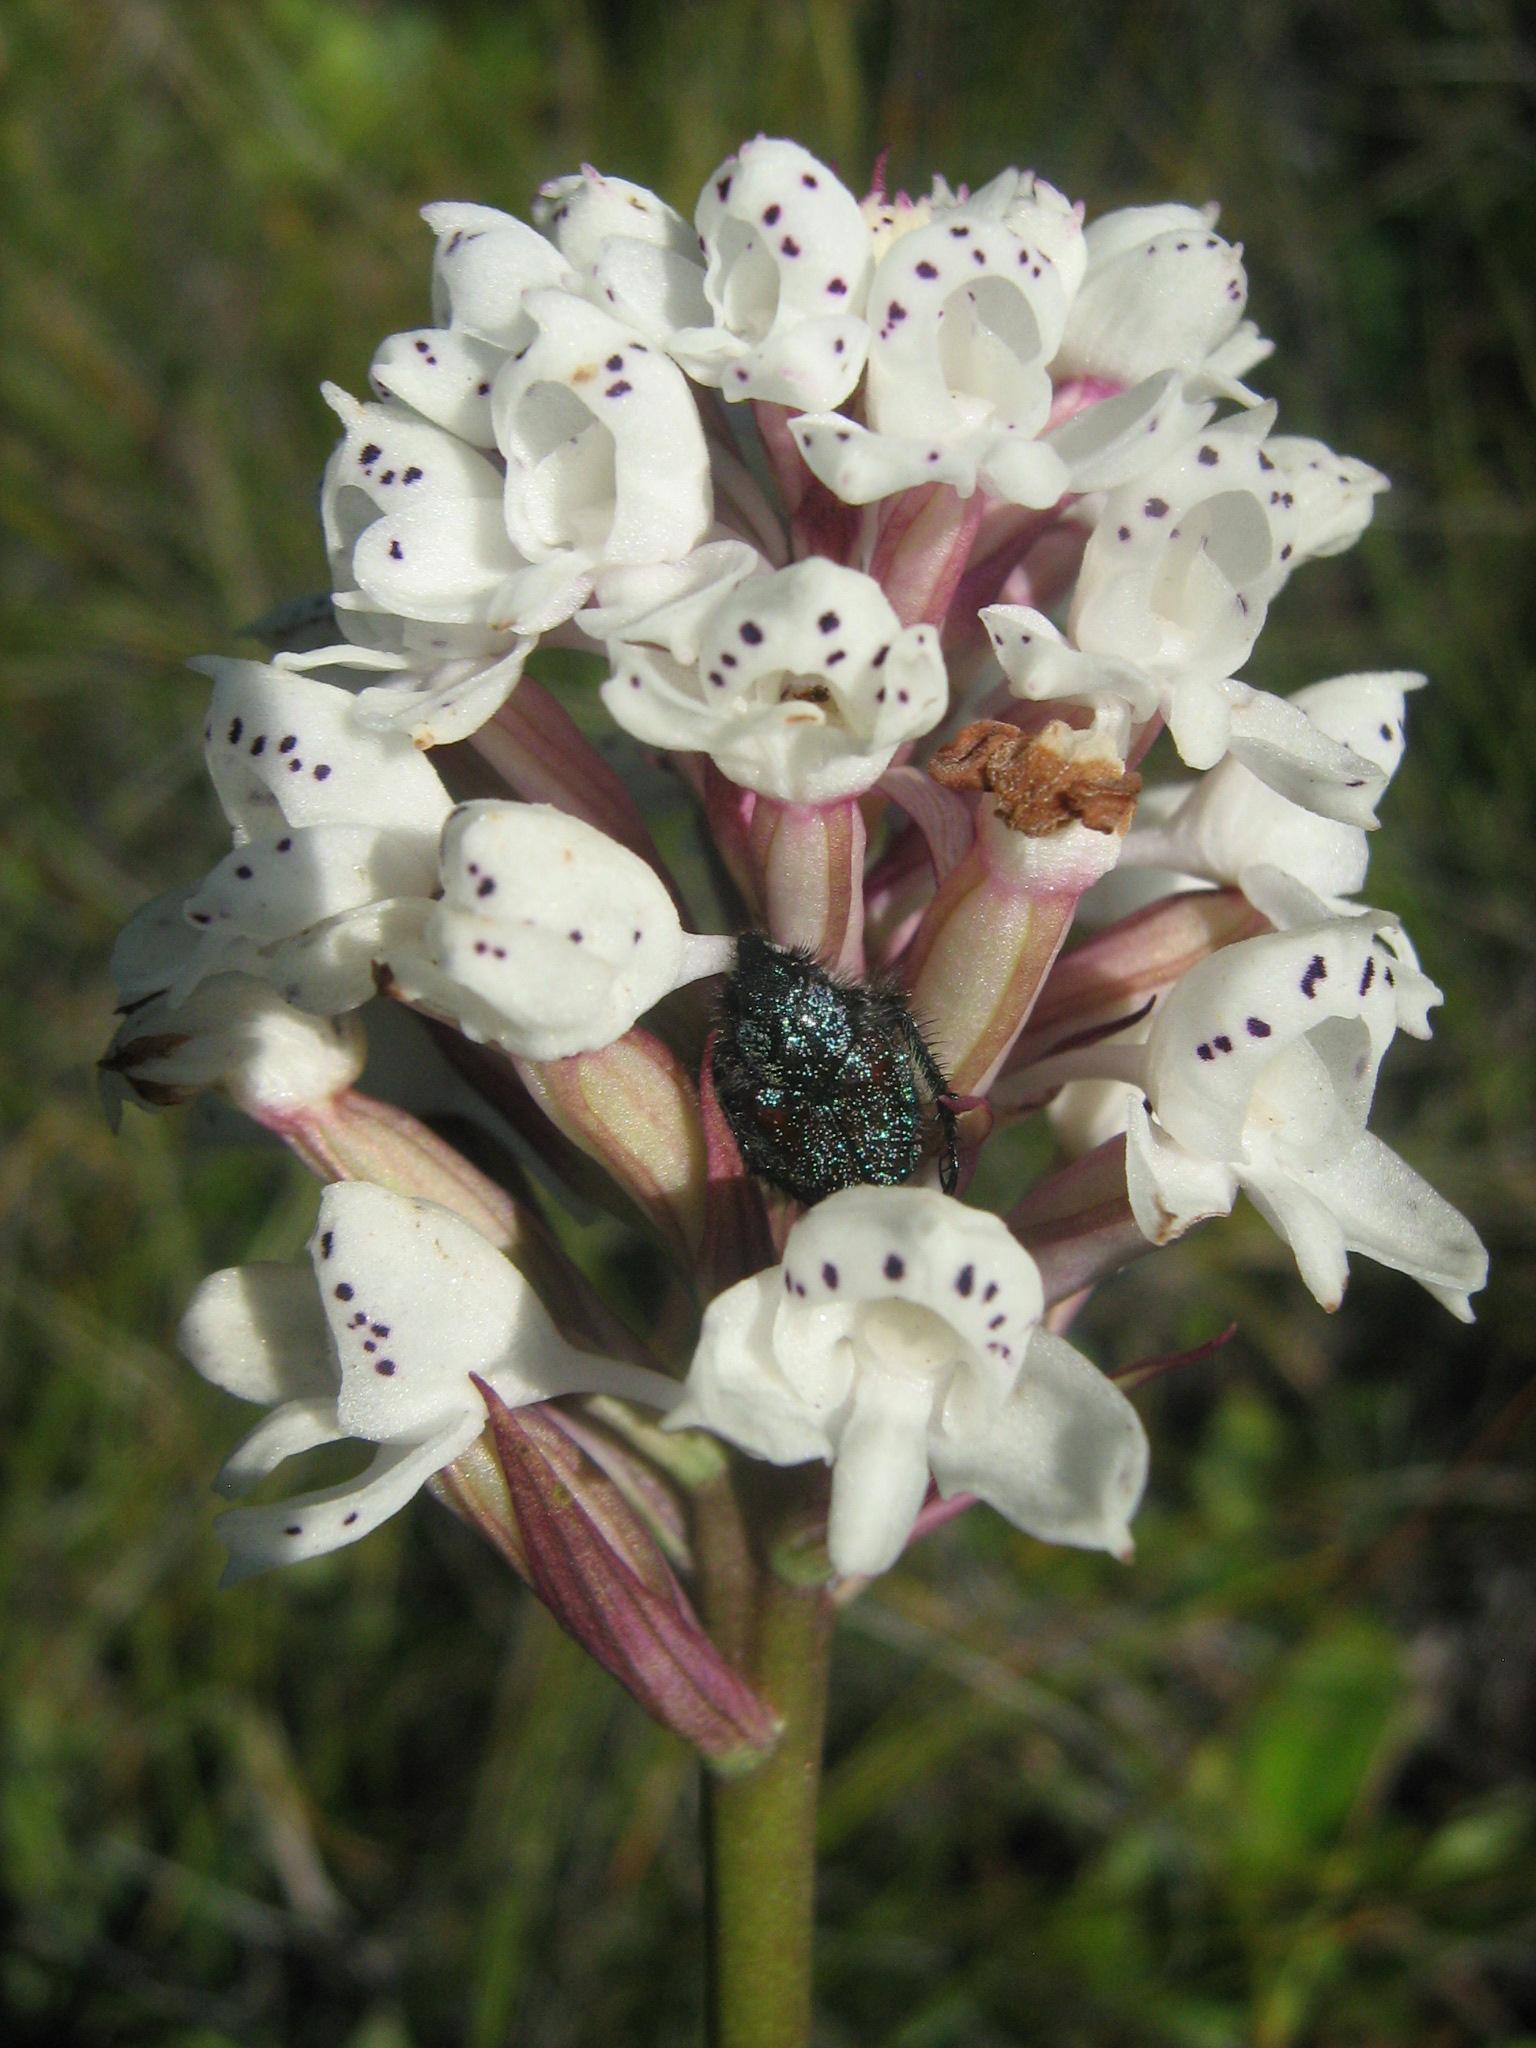 Disa cephalotes subsp. cephalotes photo by Bokang Ntloko